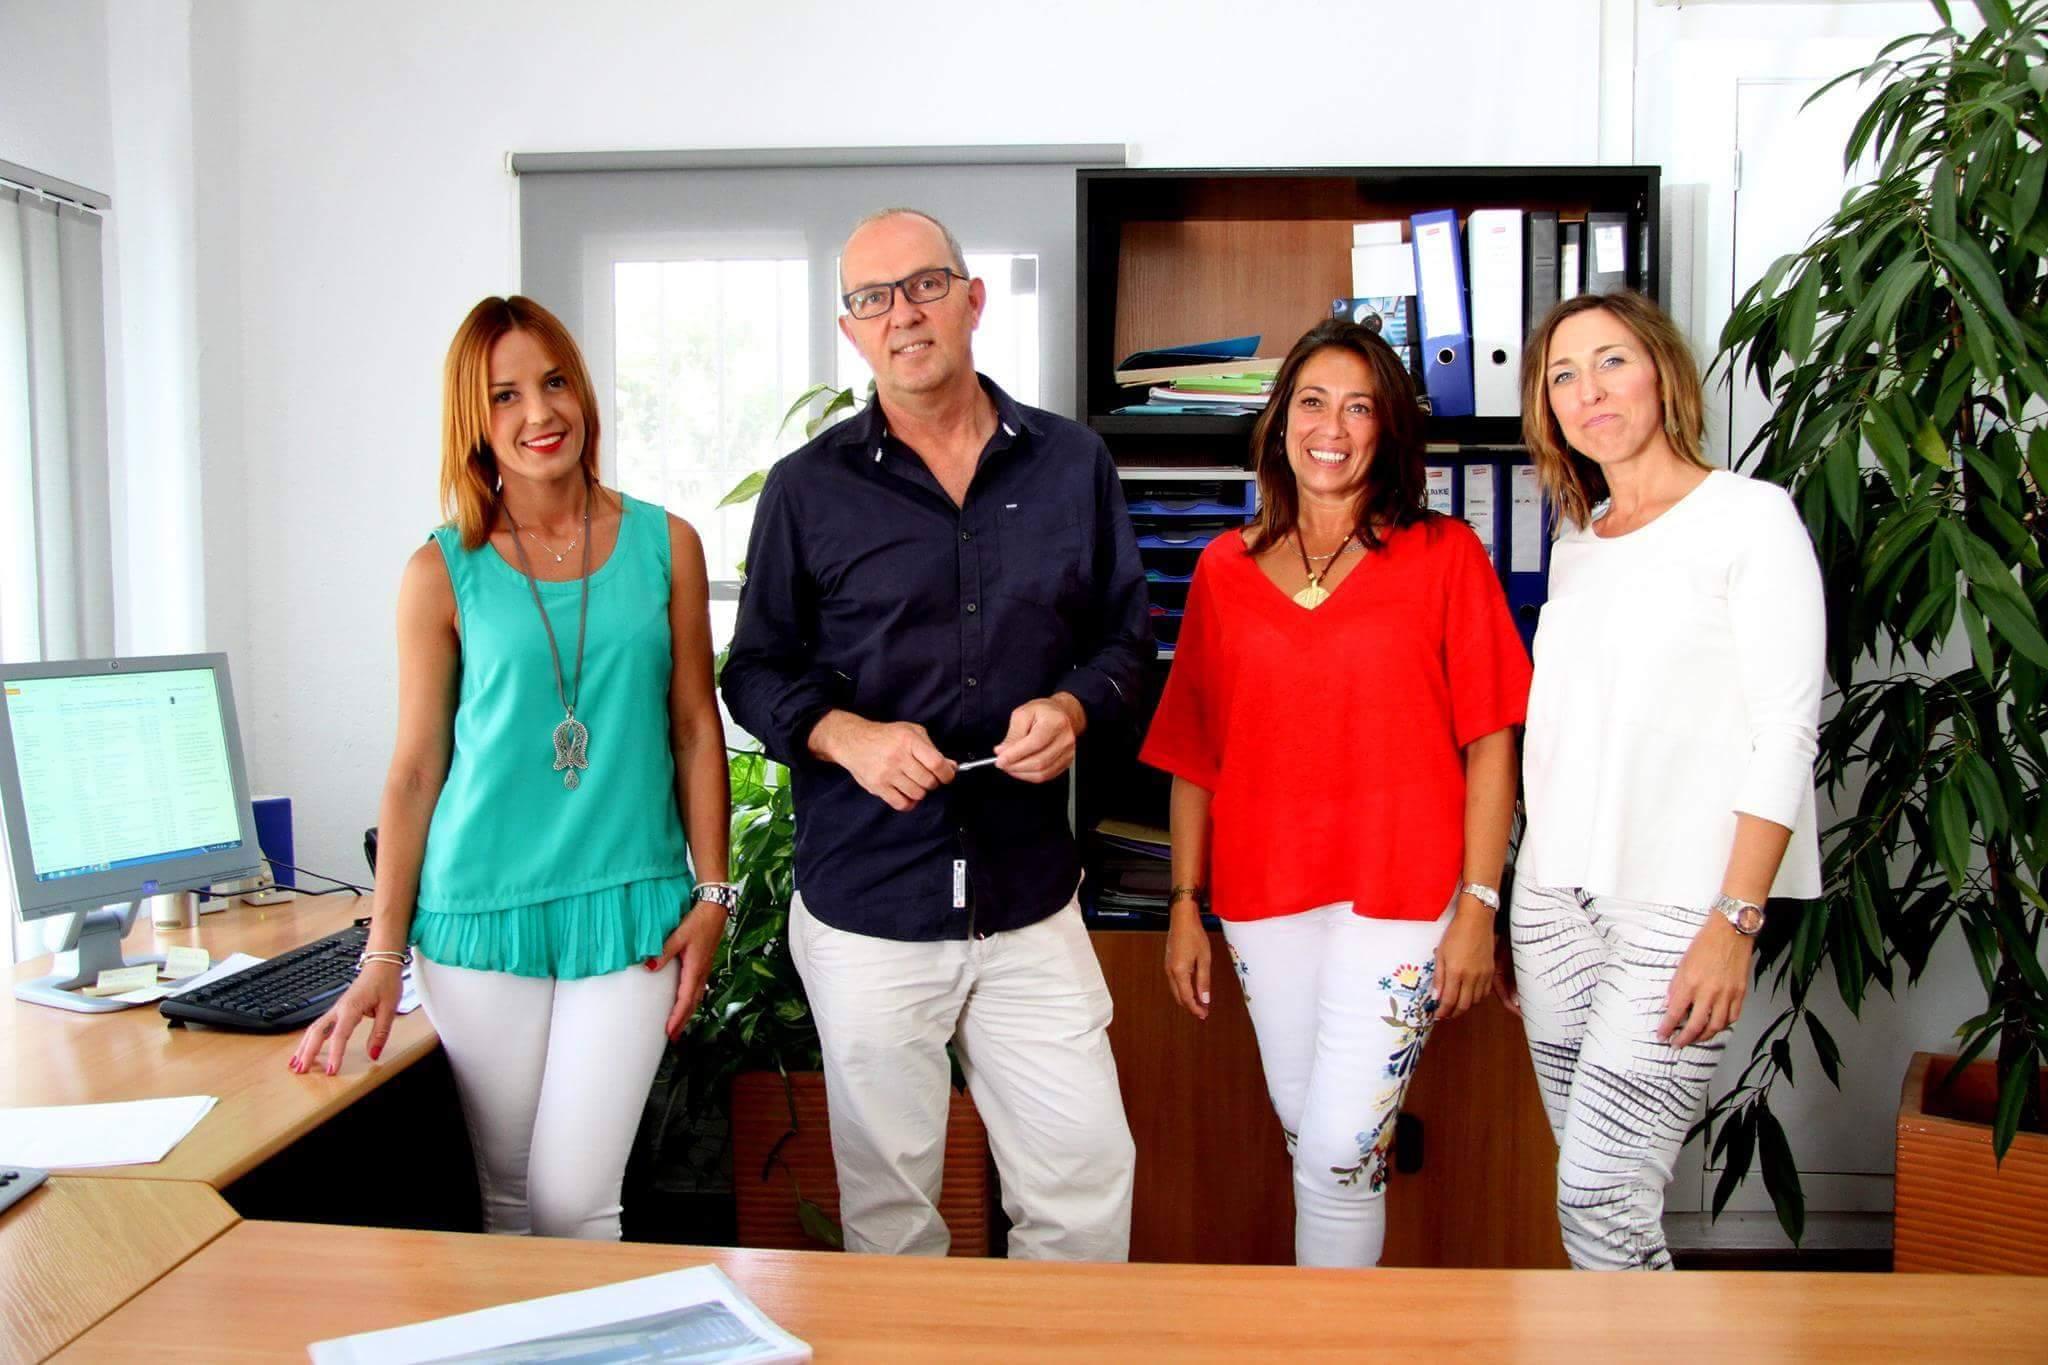 Nuestro equipo en Zahara Villas